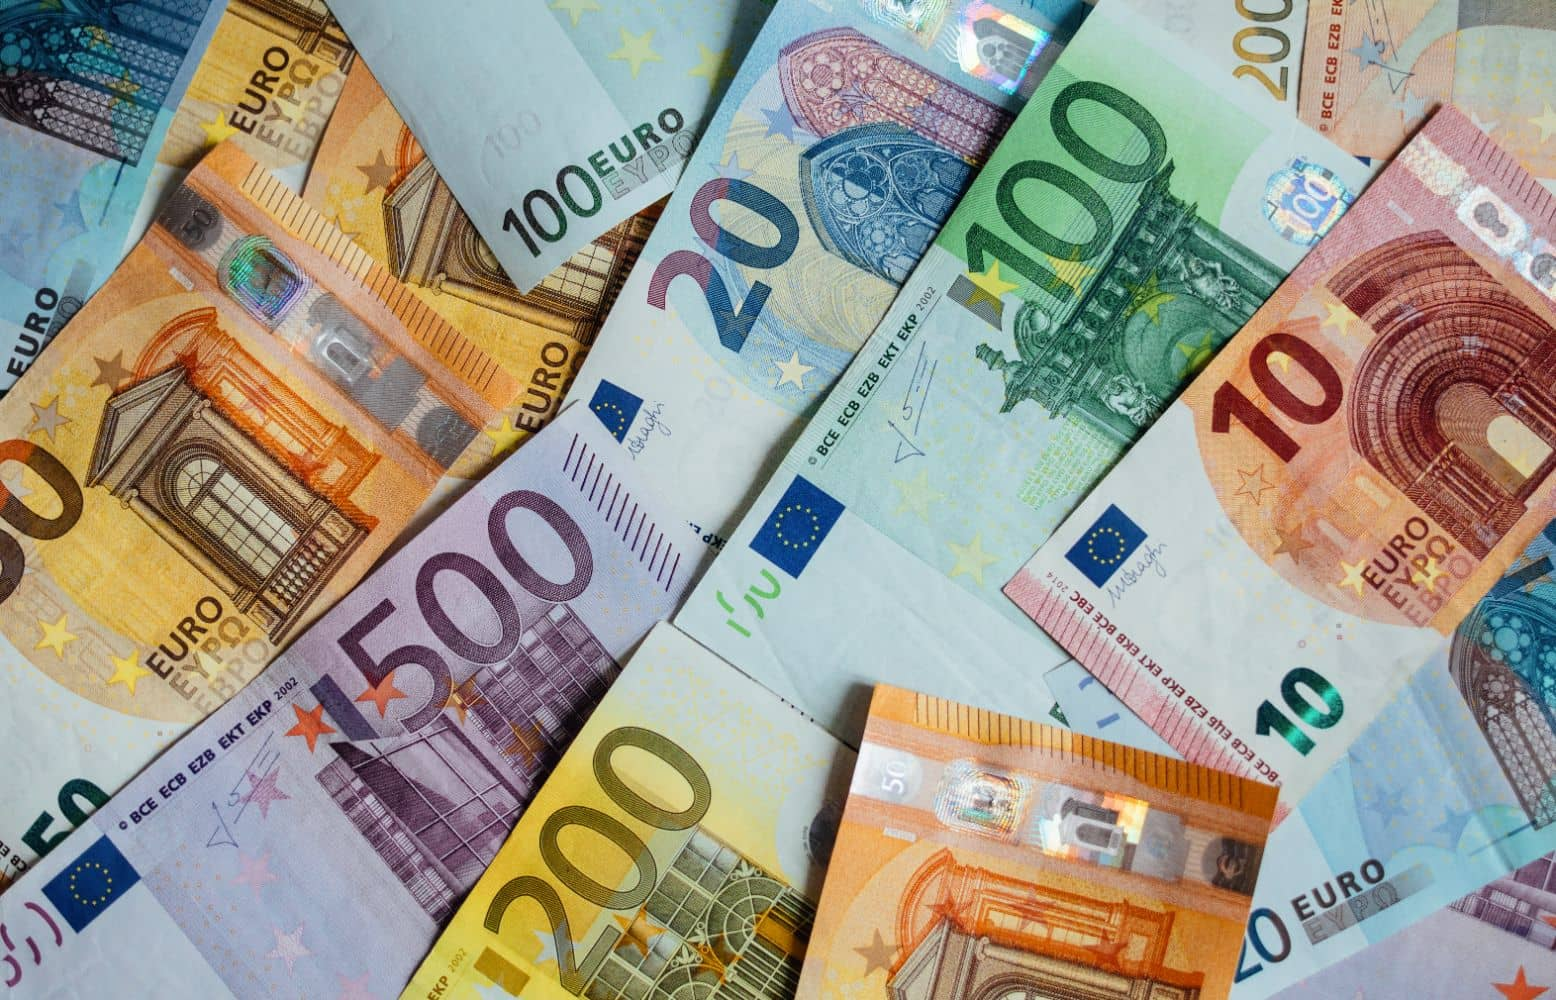 Επίδομα 800 ευρώ: Σε δύο φάσεις οι πληρωμές - Ημερομηνίες